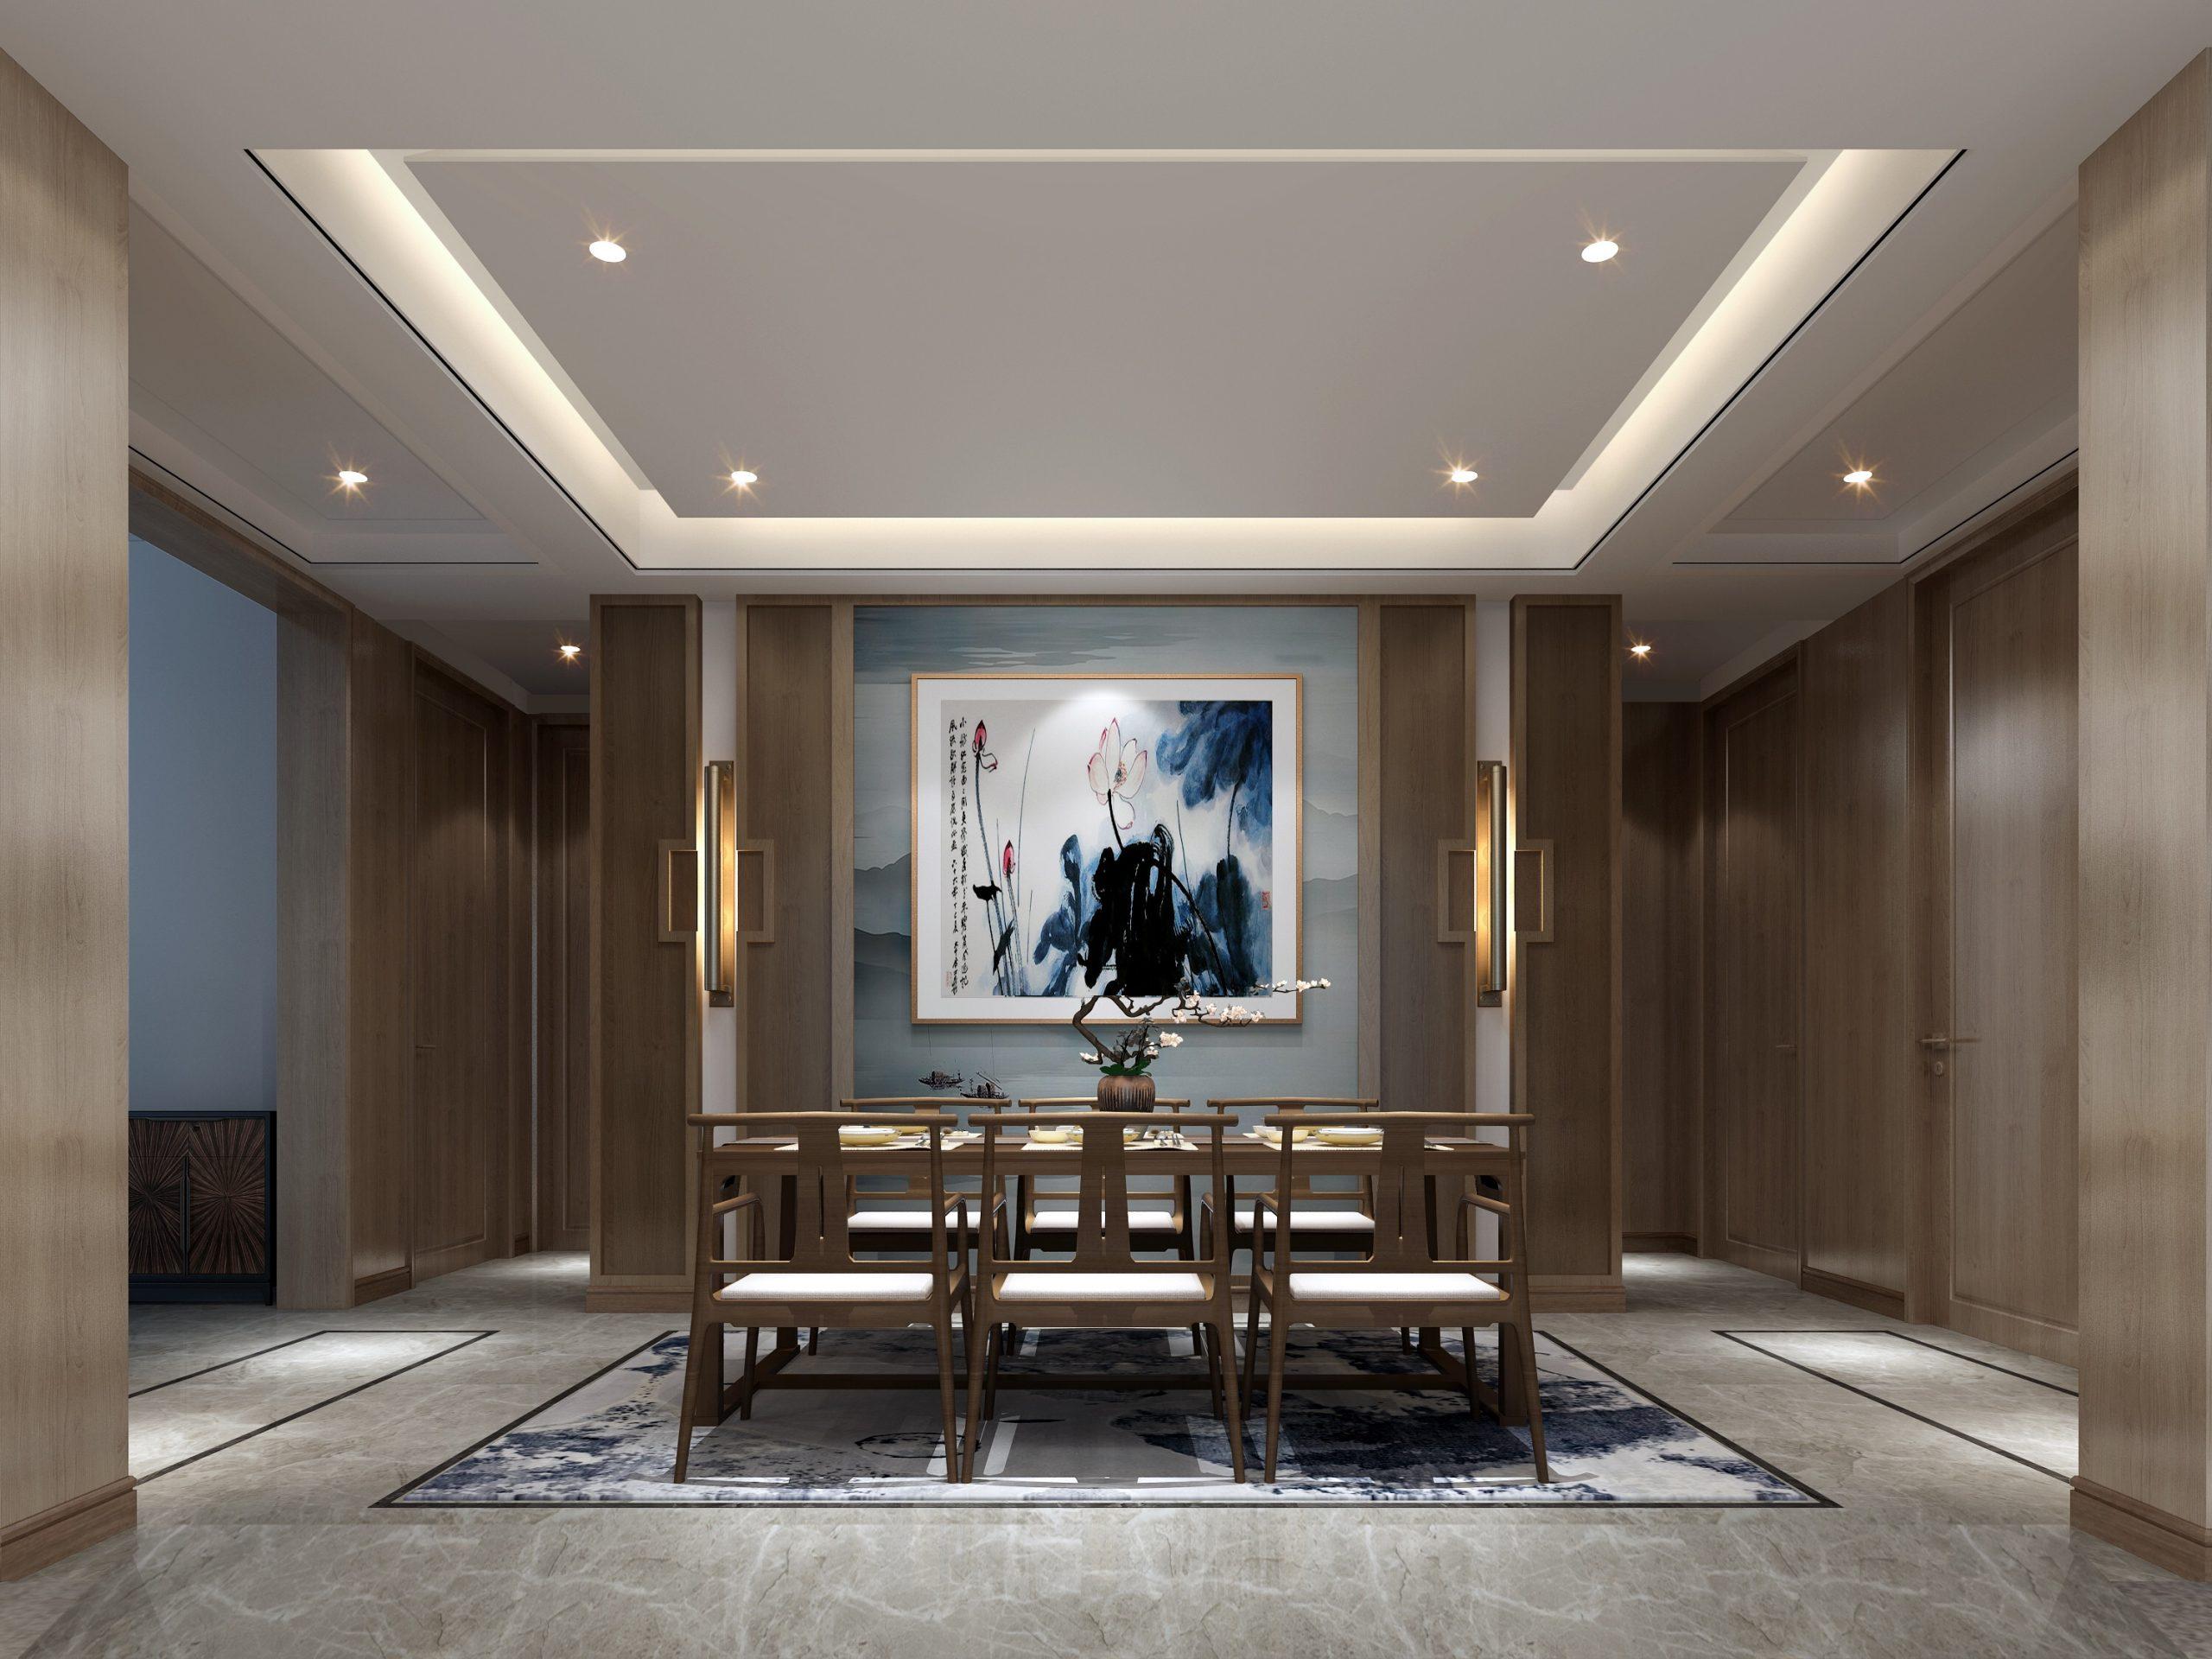 现代中式别墅装修效果图+3D模型+电气图+智能化控制图全套施工图免费下载